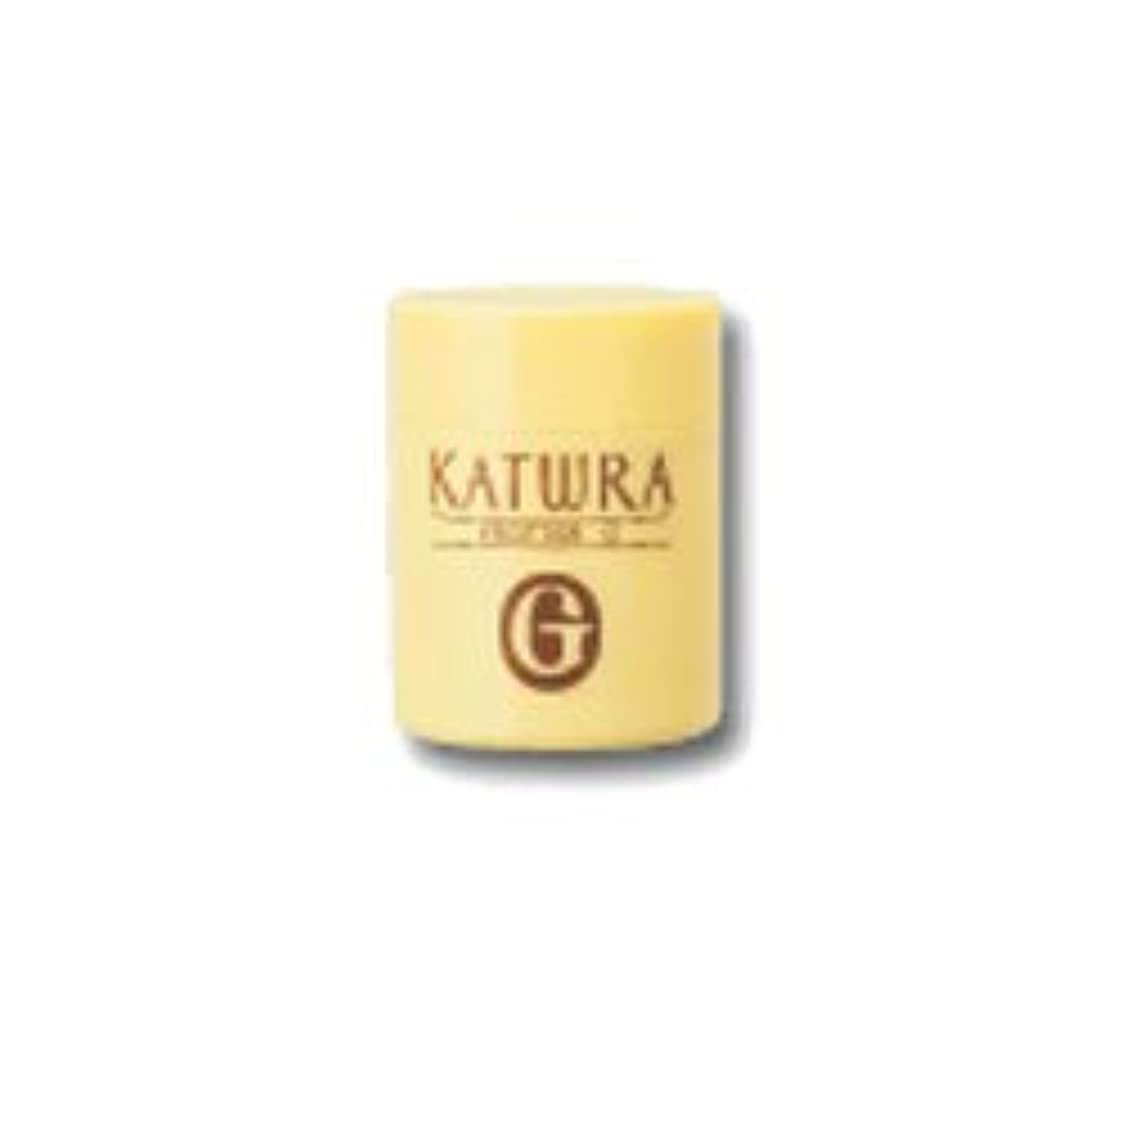 エピソードサスペンション回転する【カツウラ化粧品】カツウラ・フローテG 220g ×20個セット